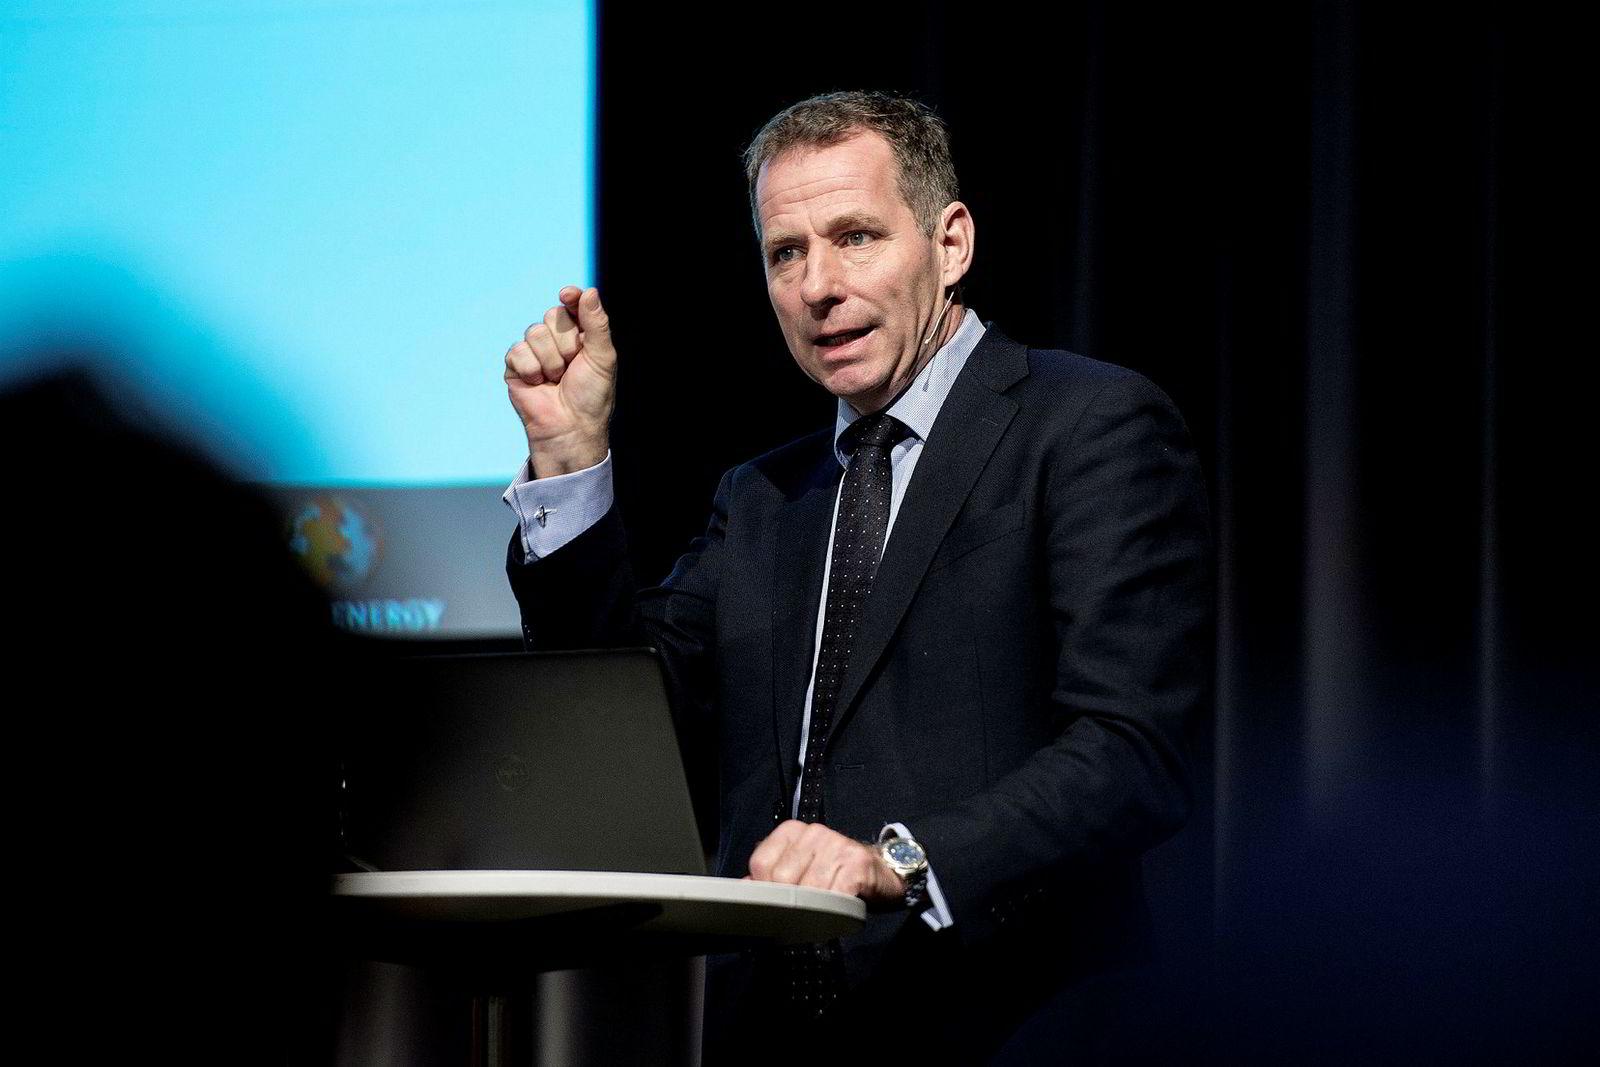 Ifølge oljekonsulent Jarand Rystad i Rystad Energi kan subseamarkedet være blant leverandørmarkedene som tar av først.